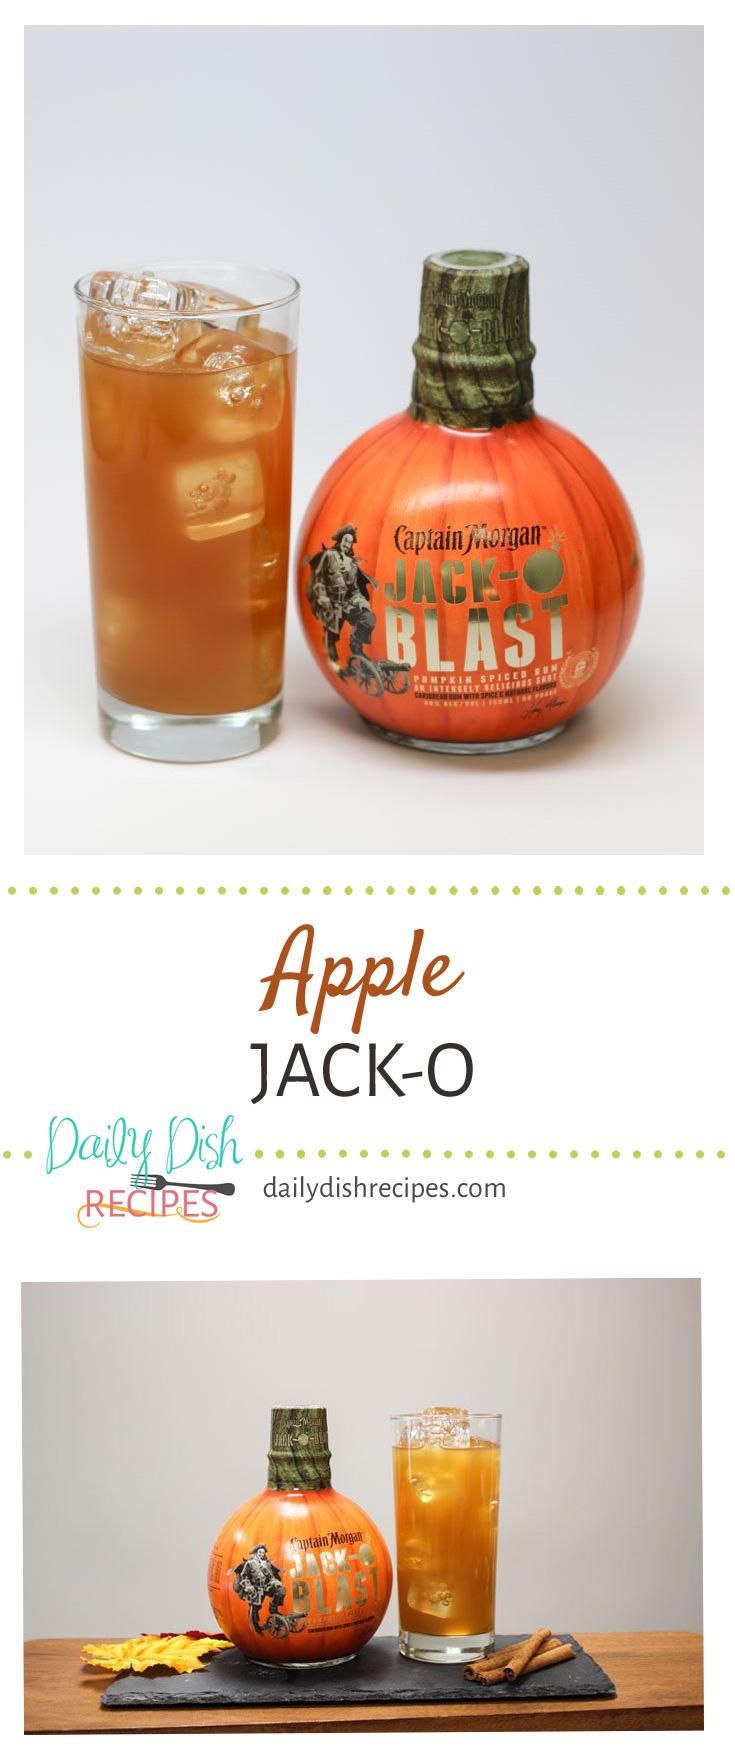 Apple Jack-O